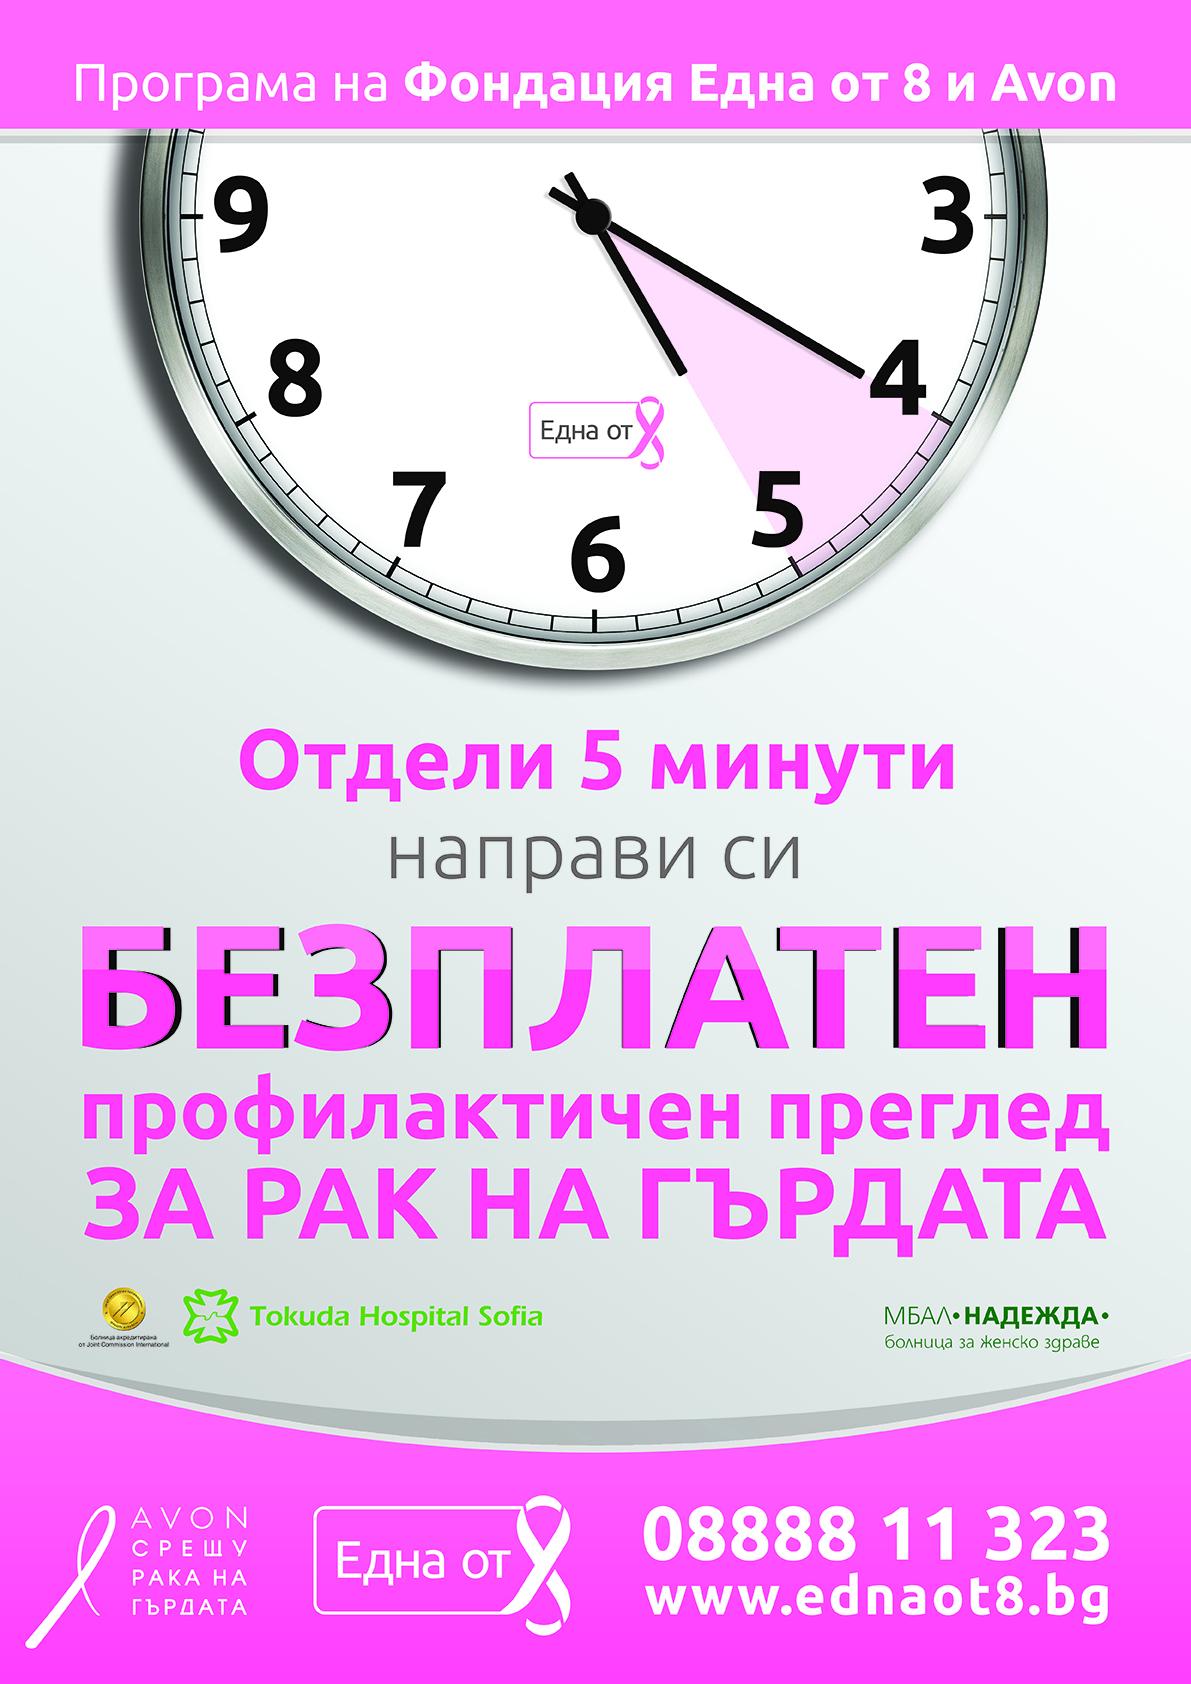 Bezplatni_pregledi_za_rak_na_gyrdata